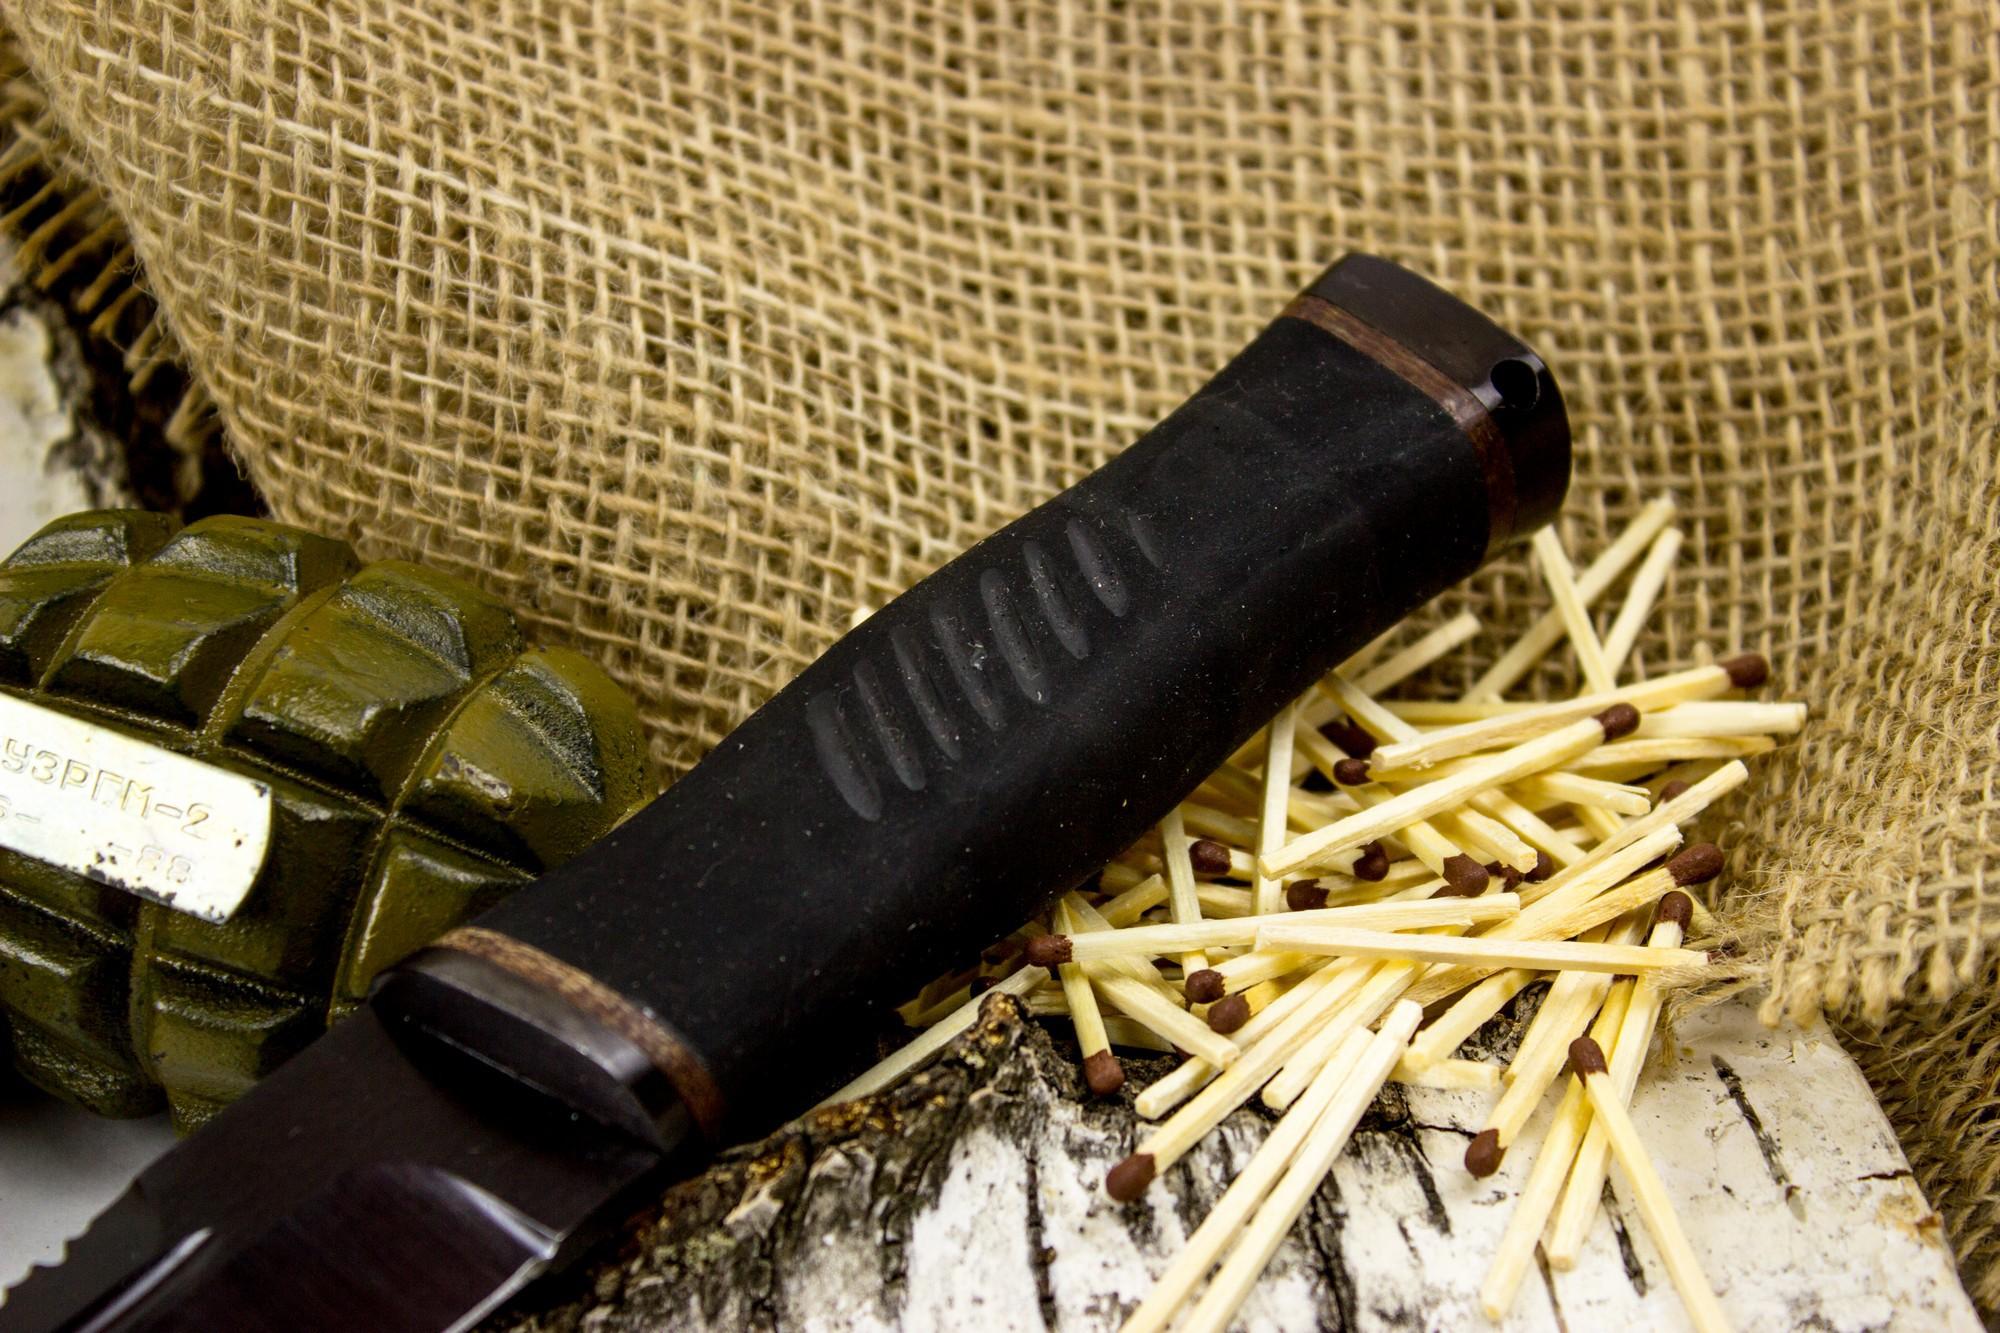 Фото 4 - Нож Казак-2, сталь 65Г, резина от Титов и Солдатова